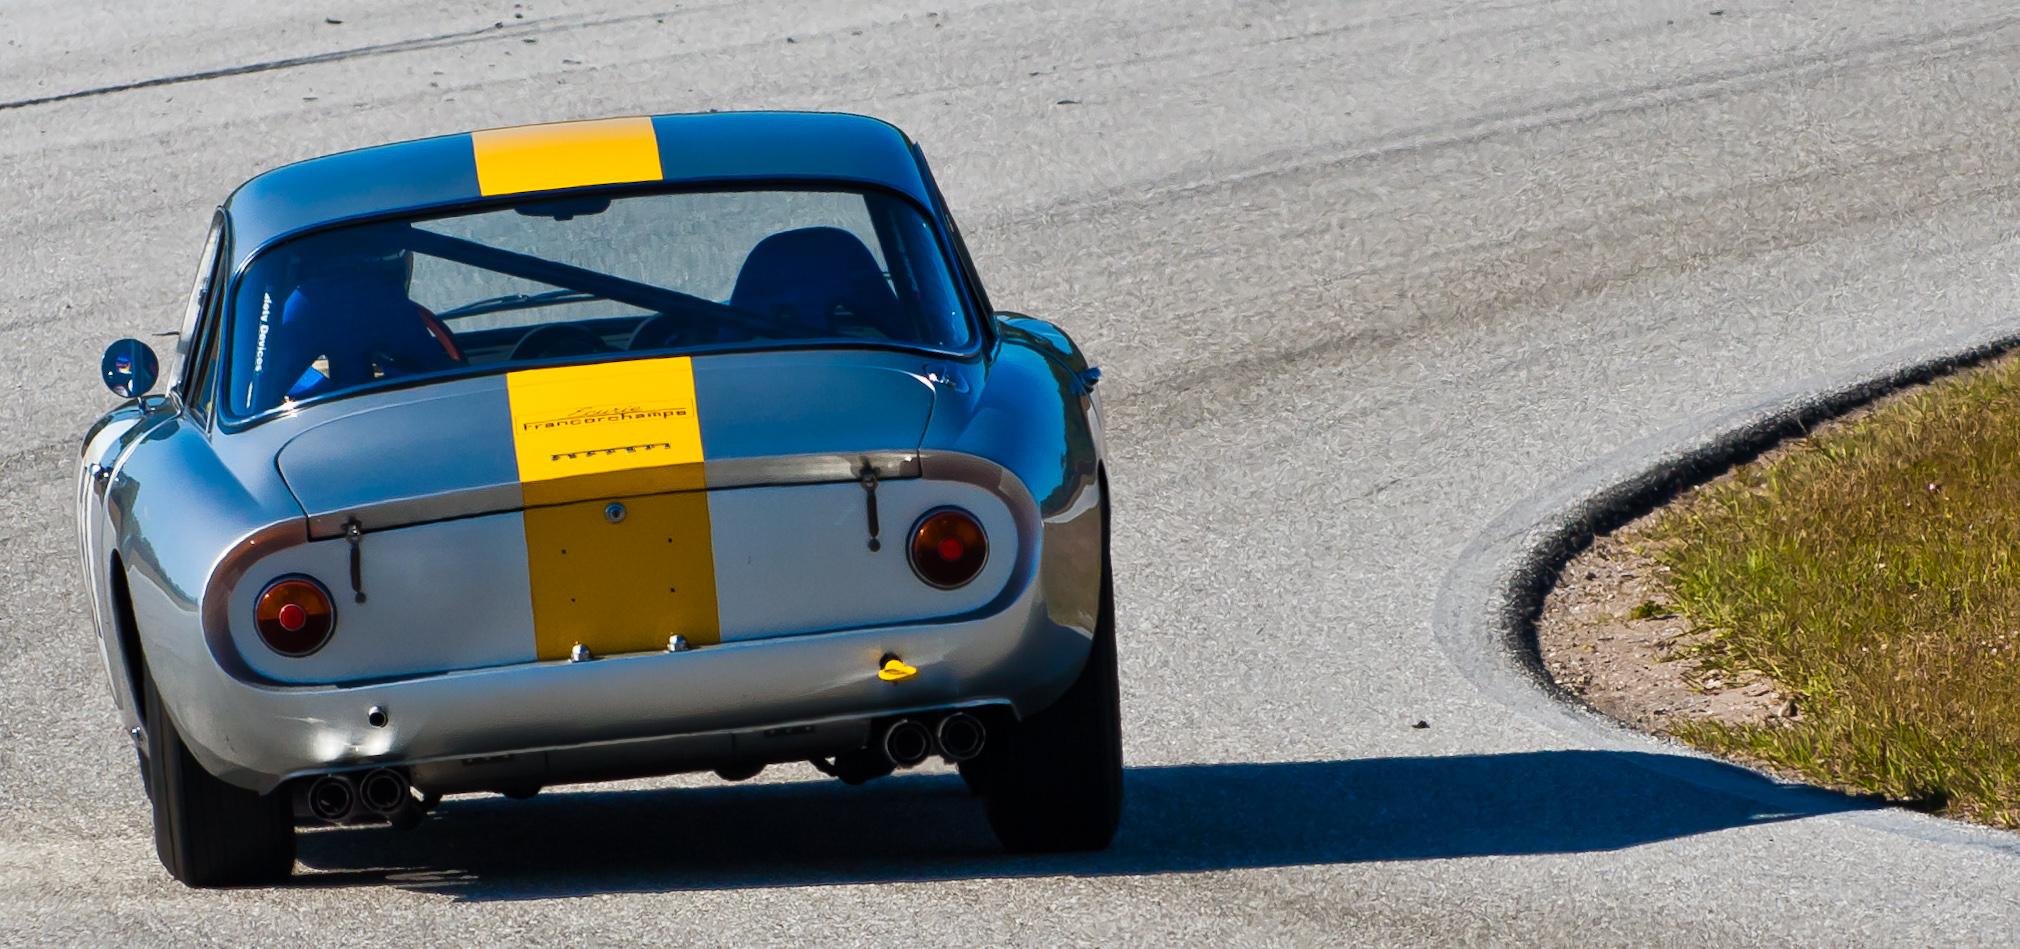 1962 Ferrari 250 GT Lusso Berlinetta Competizione c/n 4213 GT